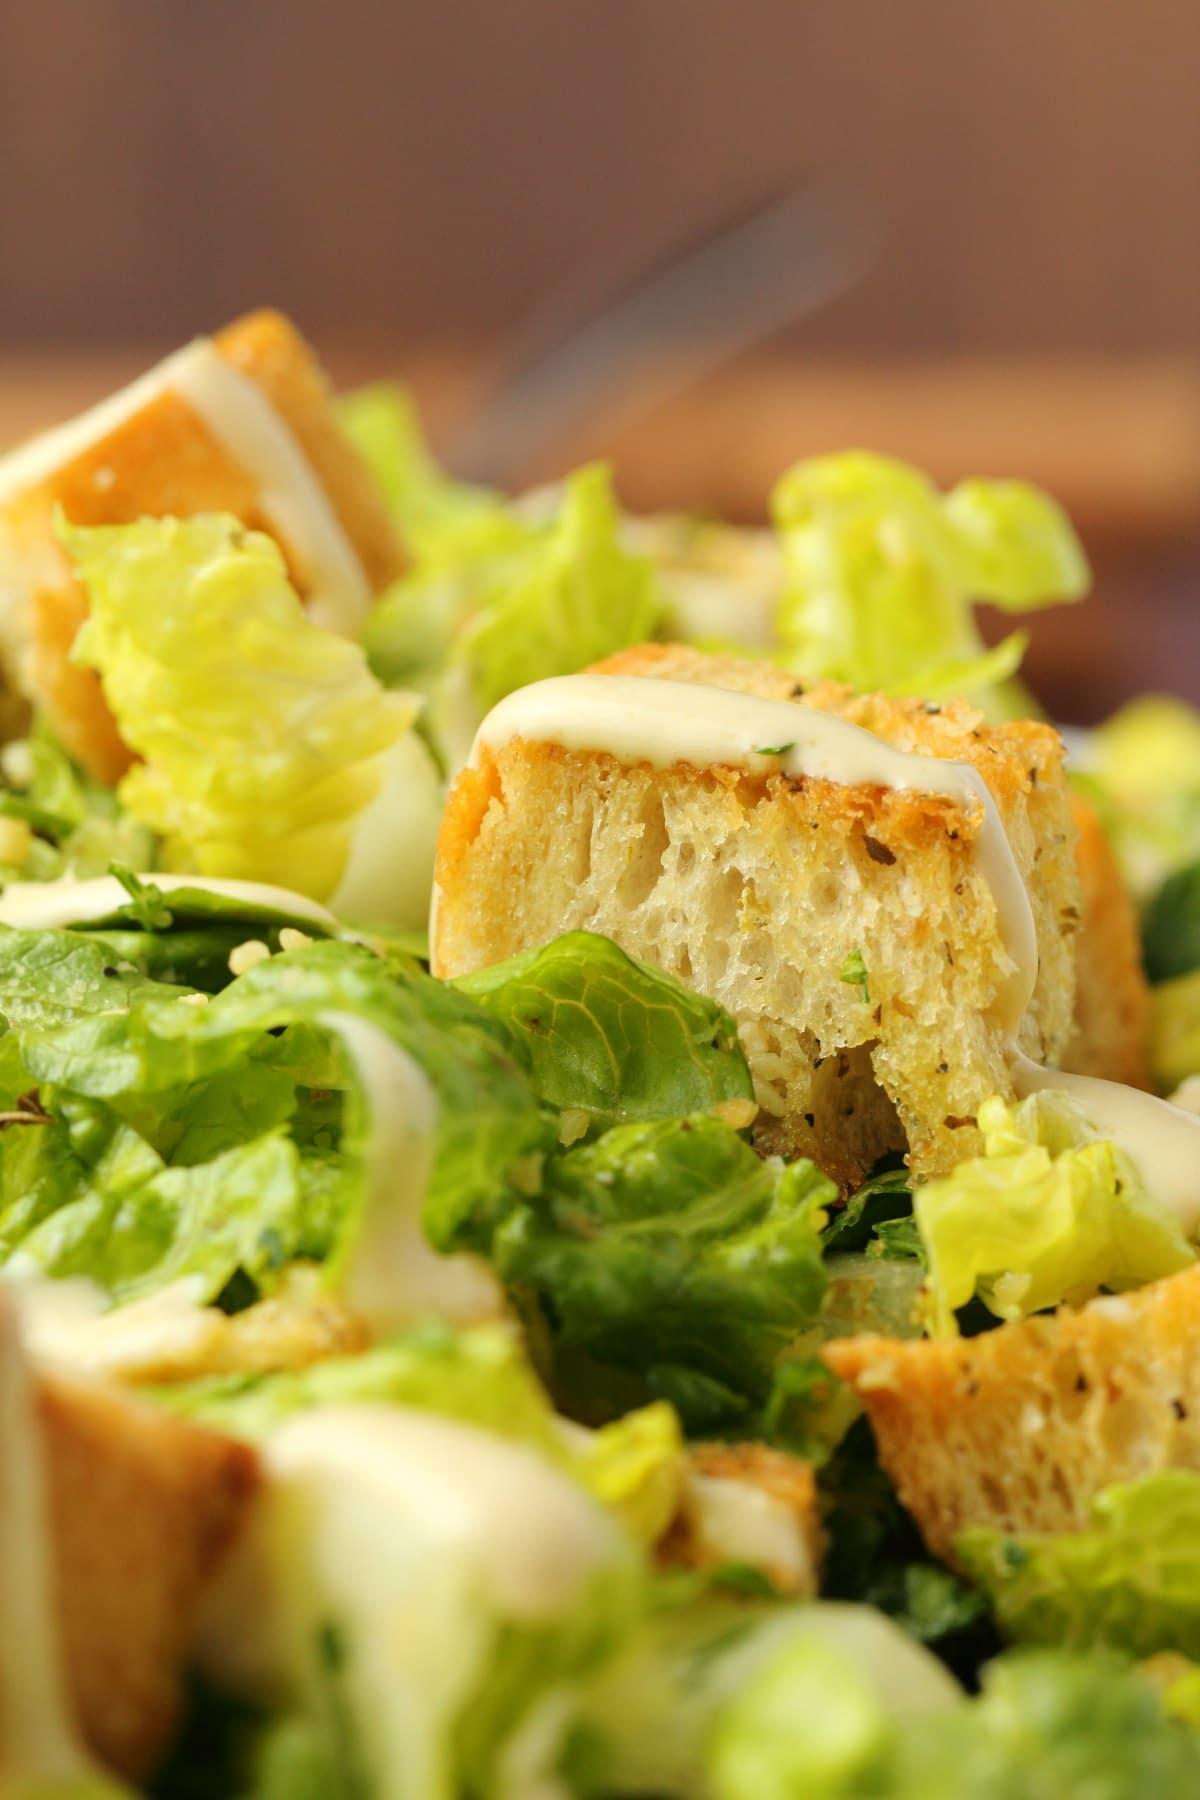 Vegan caesar salad topped with caesar dressing.